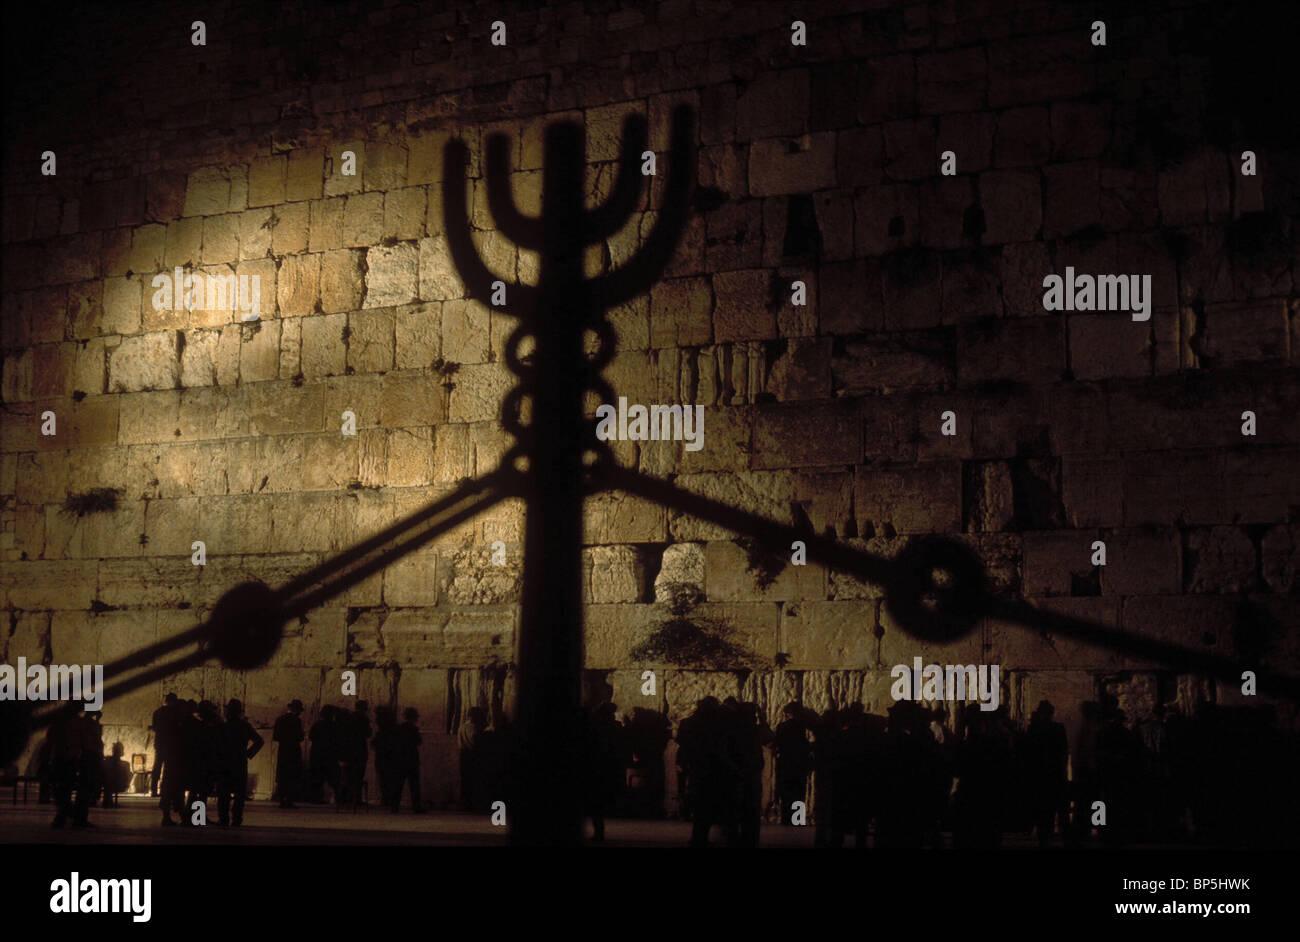 3363. Pregando presso il Muro Occidentale prosegue ininterrotto di giorno e di notte Immagini Stock